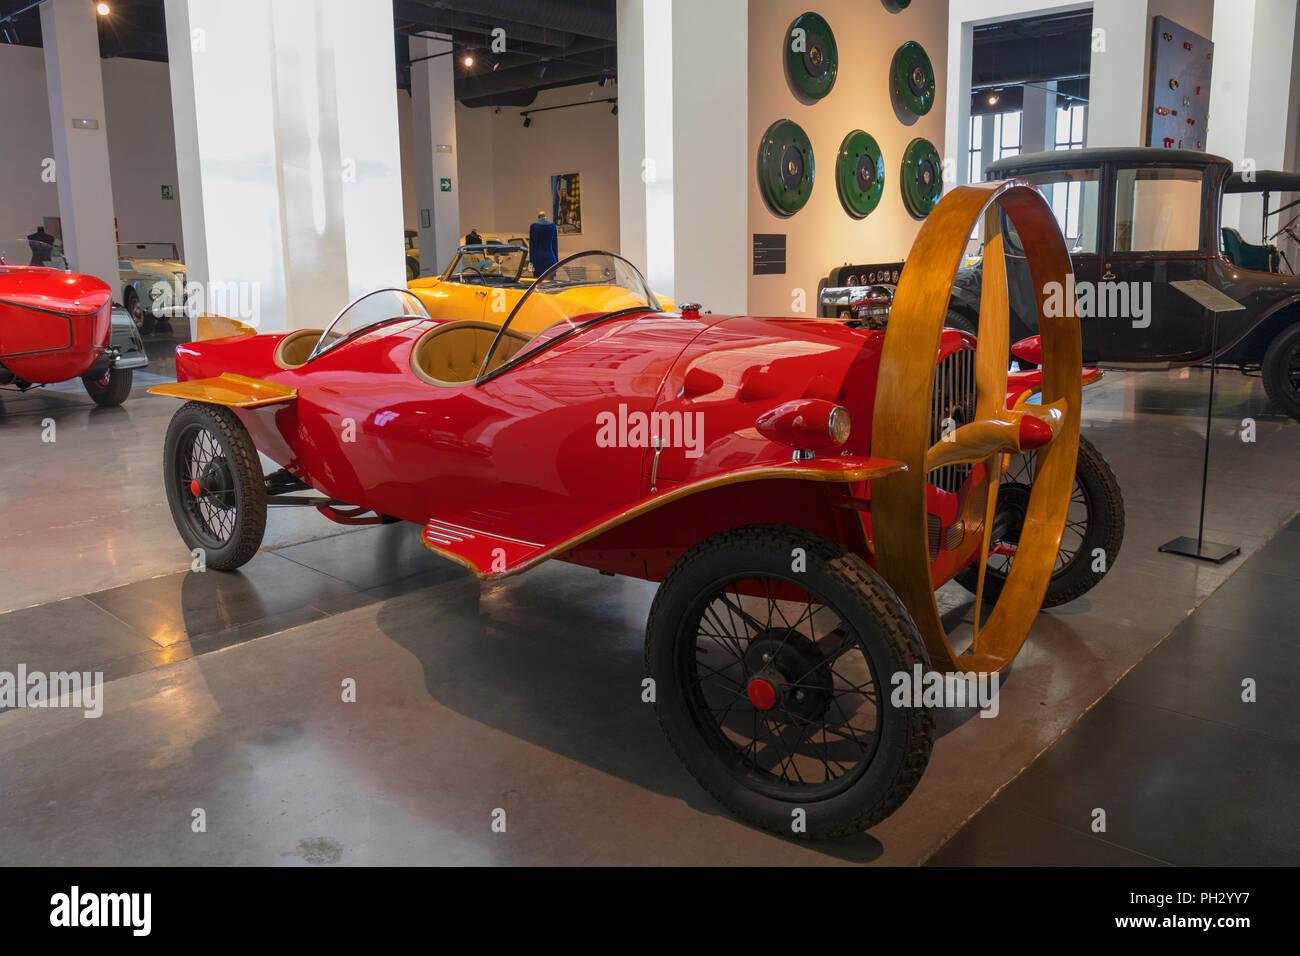 Museo Automovilistico y de la moda, Malaga, provincia di Malaga, Spagna. Automobile e il Museo della Moda. Prototipo di elica azionata Helicron 2, bui Immagini Stock